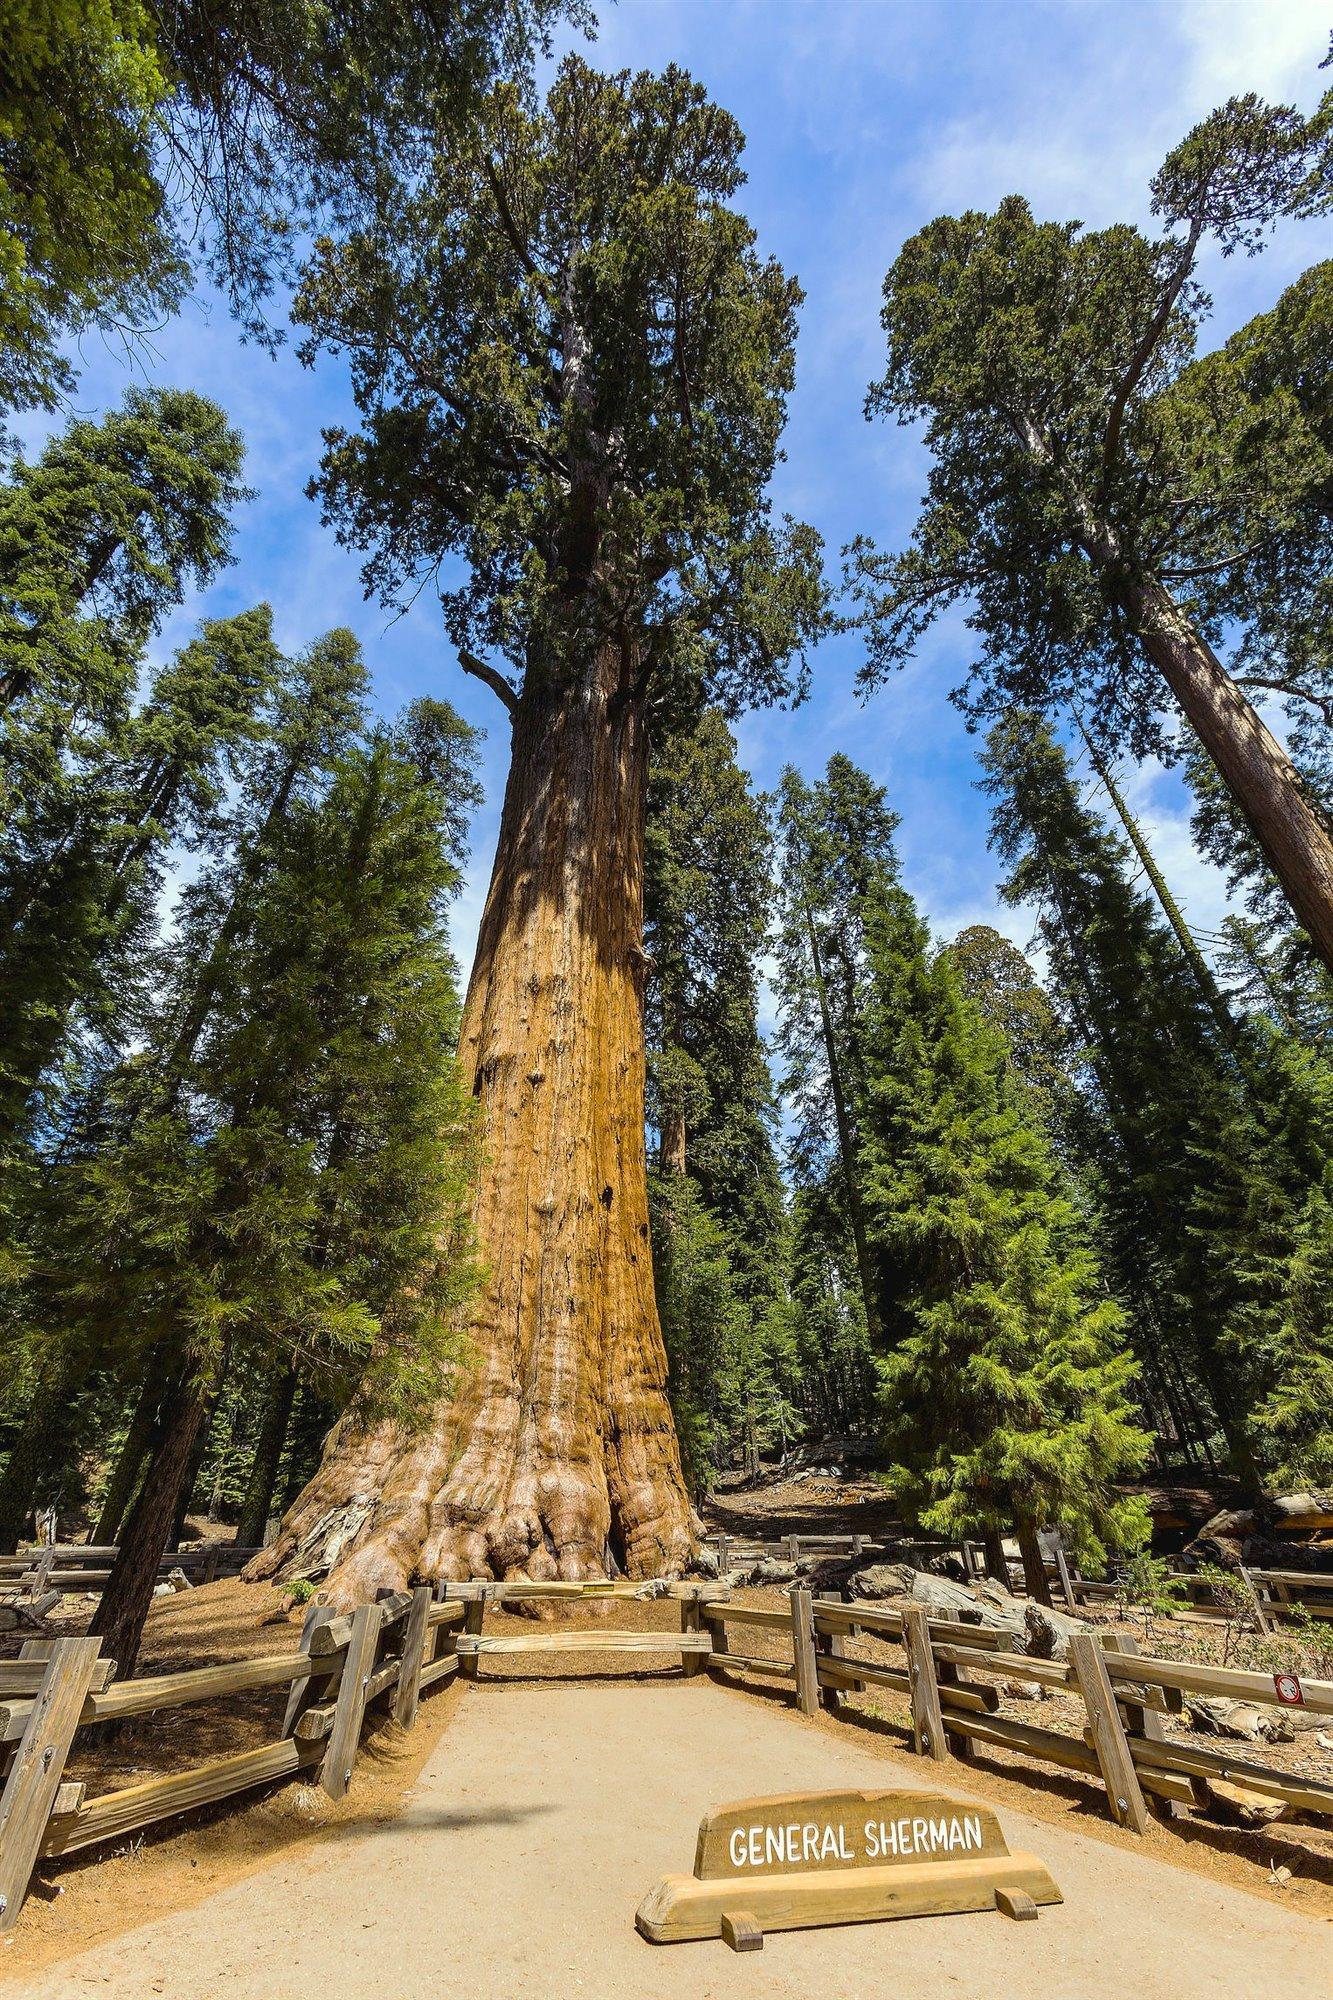 General Sherman, el árbol más grande del mundo